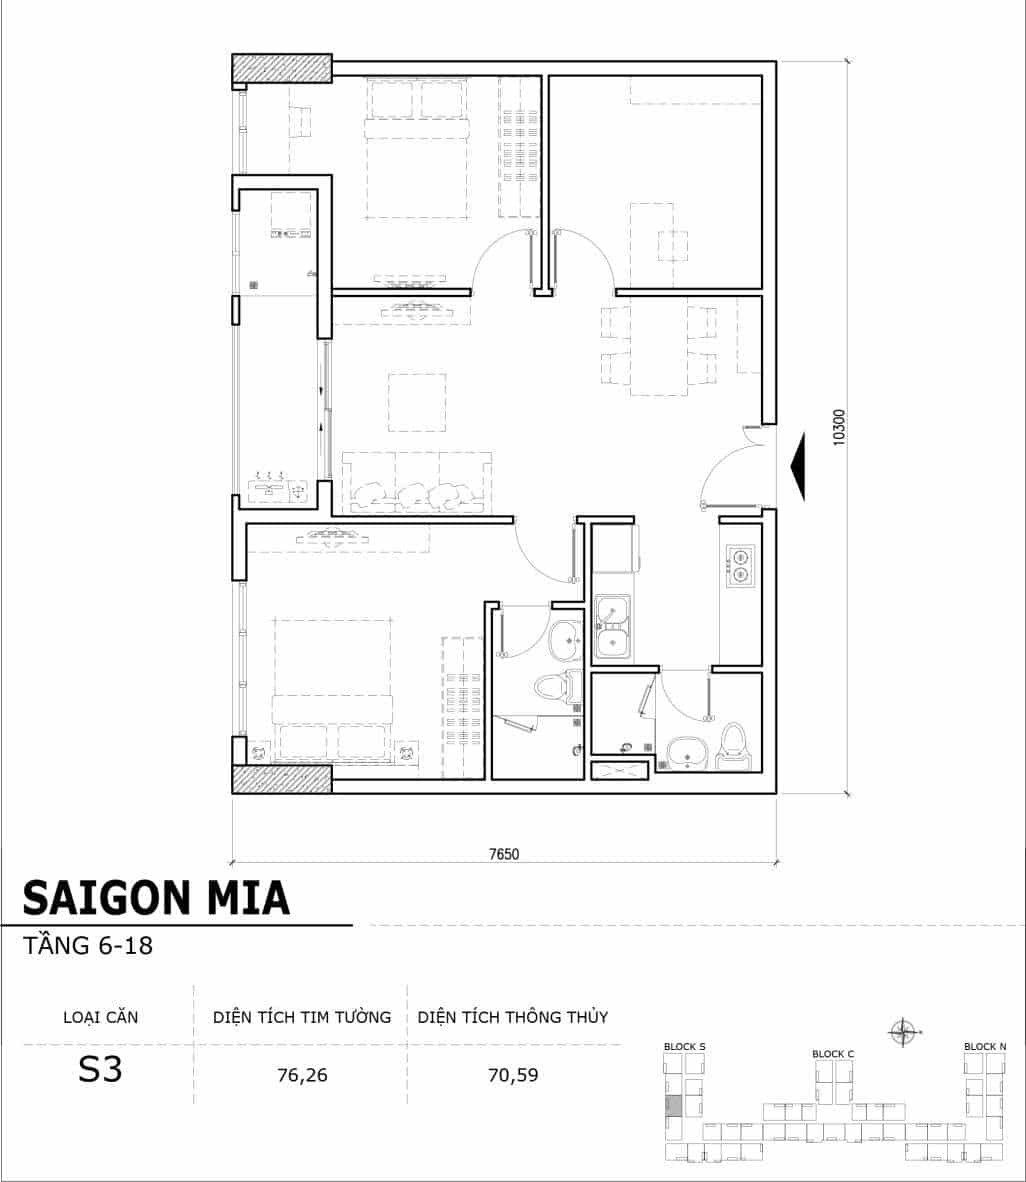 Chi tiết thiết kế căn hộ điển hình tầng 6-18 dự án Sài Gòn Mia - Căn S3